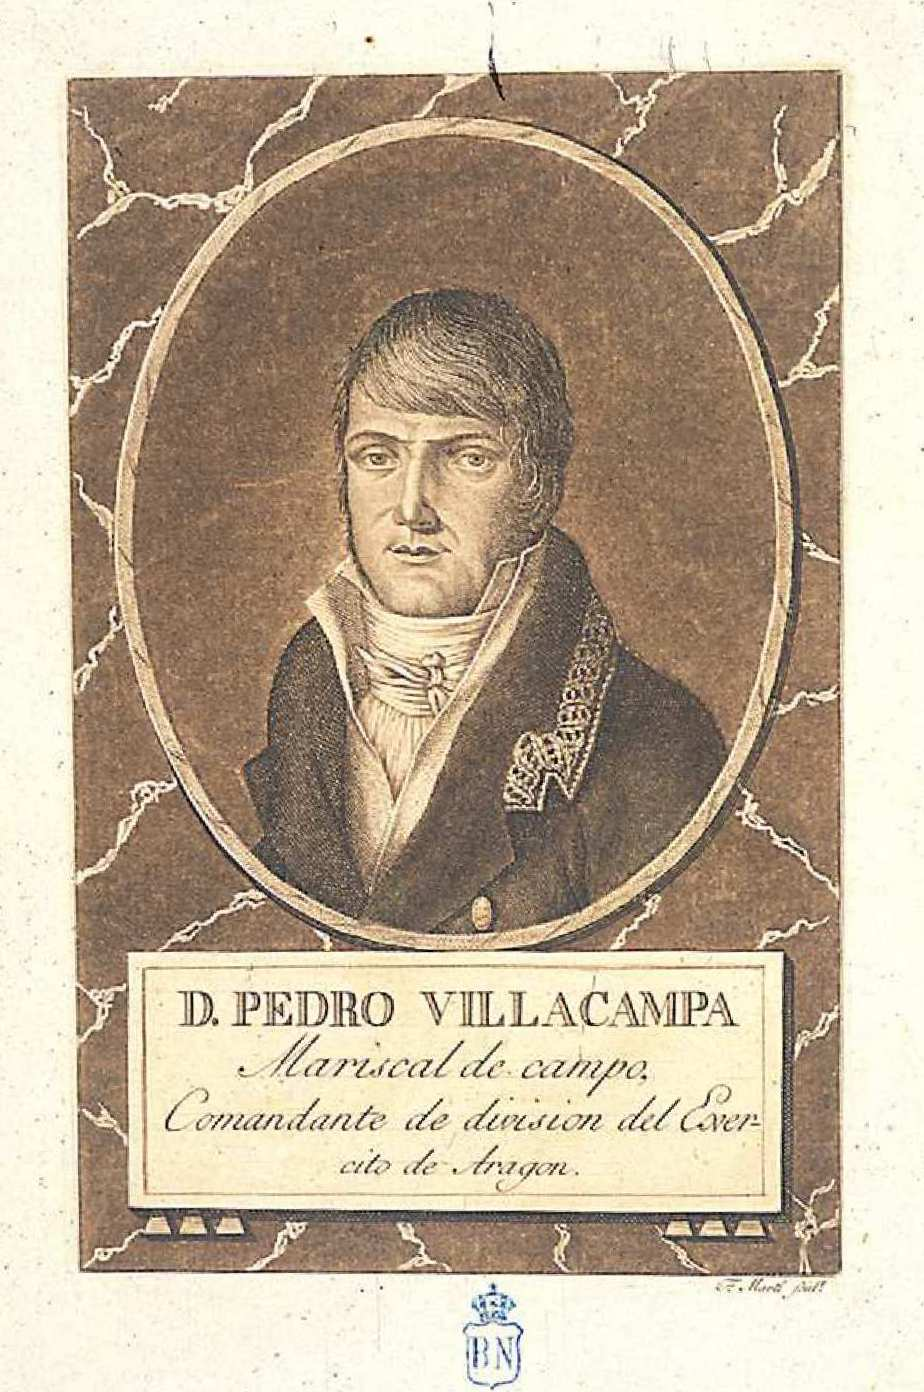 Pedro villacampa y maza de lizana wikipedia la for Https pedro camera it login